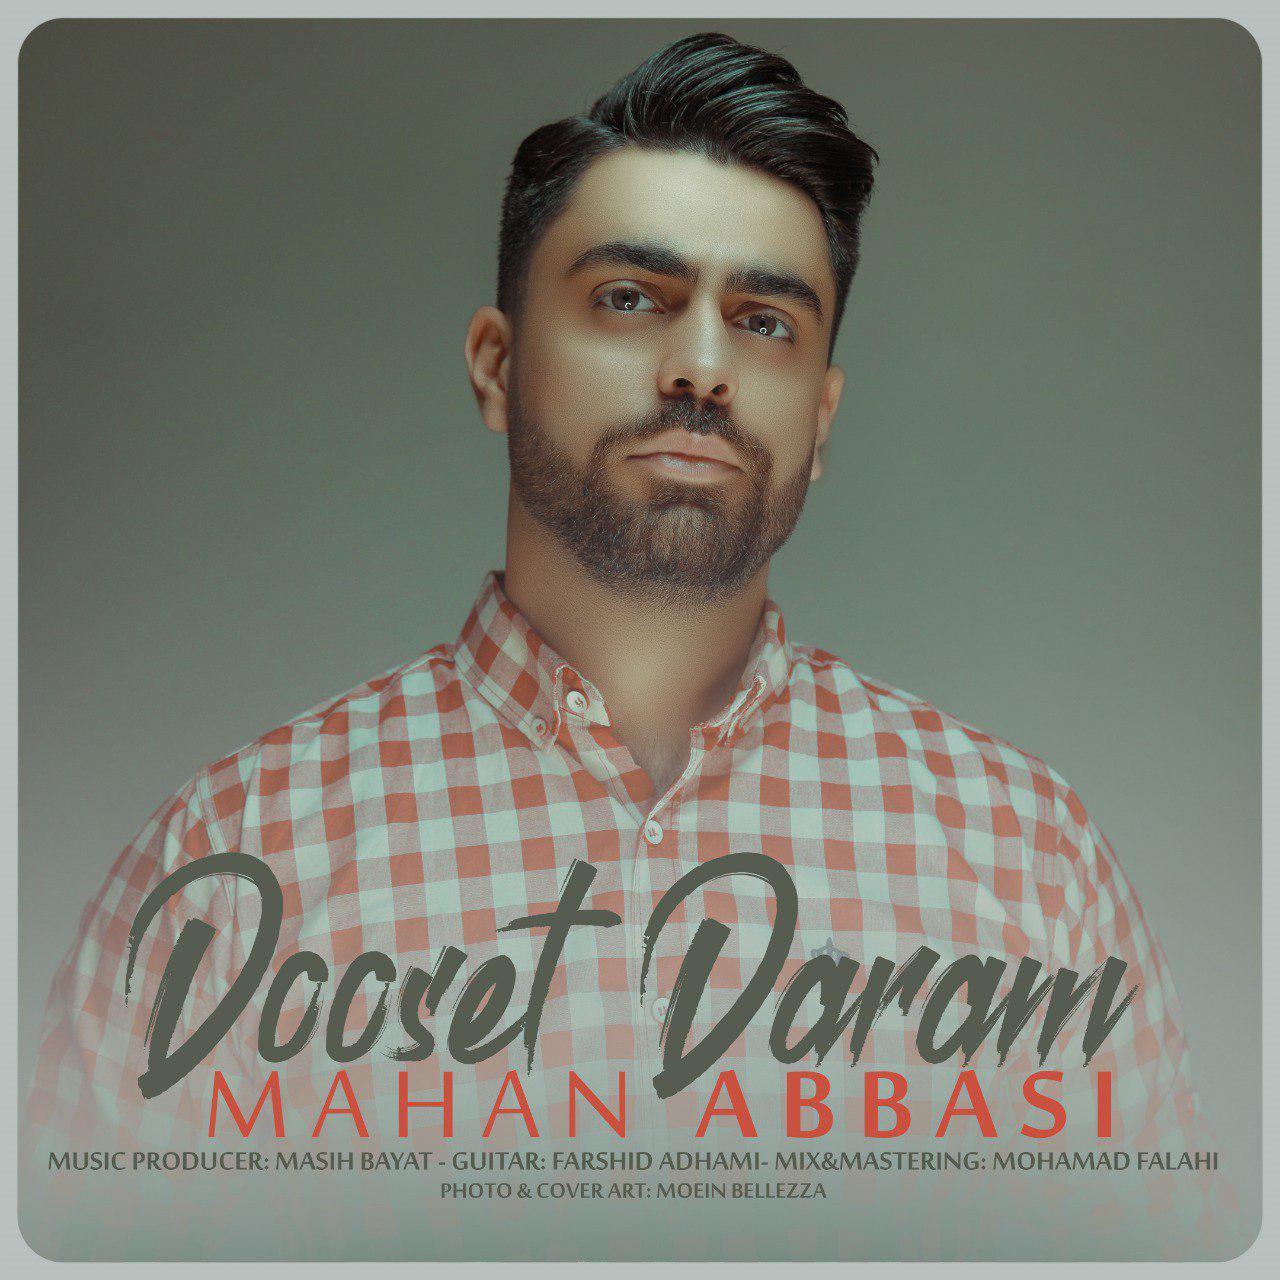 دانلود آهنگ جدید ماهان عباسی دوست دارم